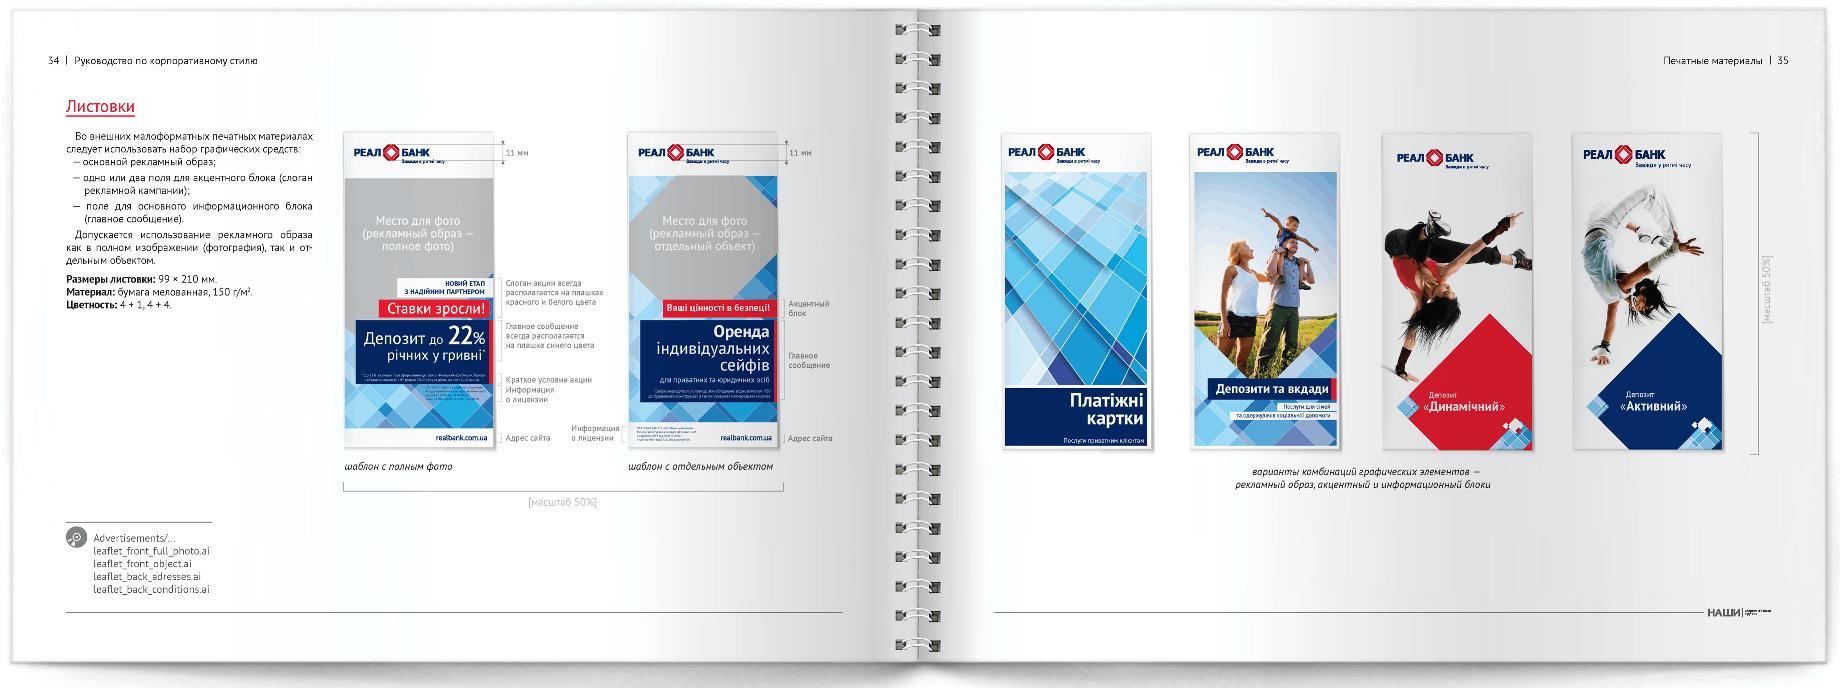 Рекламні листівки: варіанти комбінацій графічних елементів